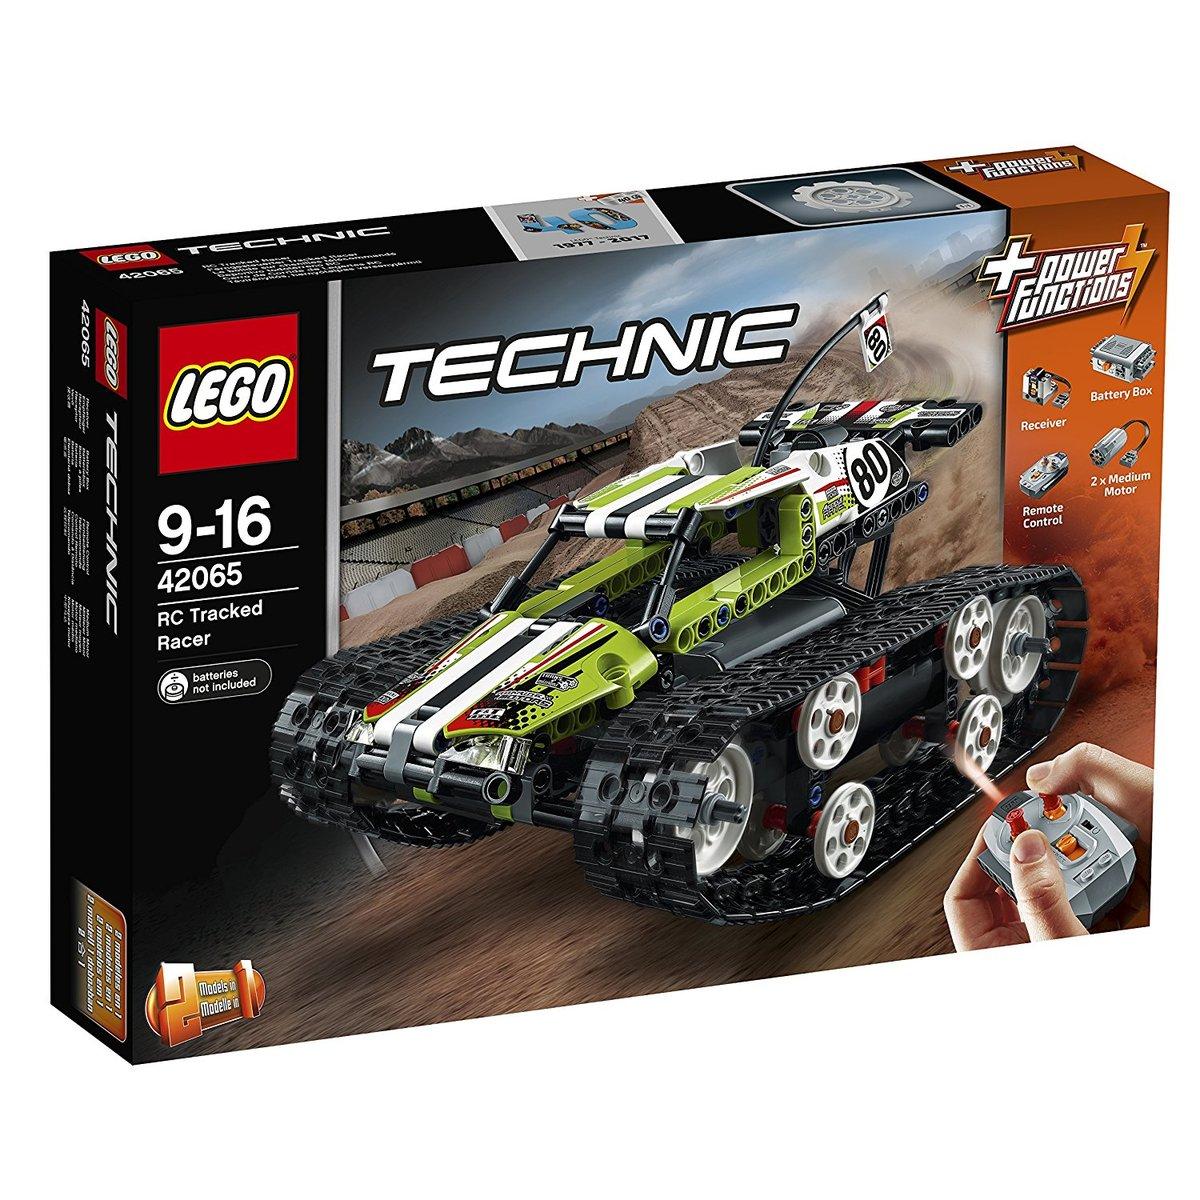 【送料無料 新品】レゴ (LEGO) テクニック RCトラックレーサー 42065